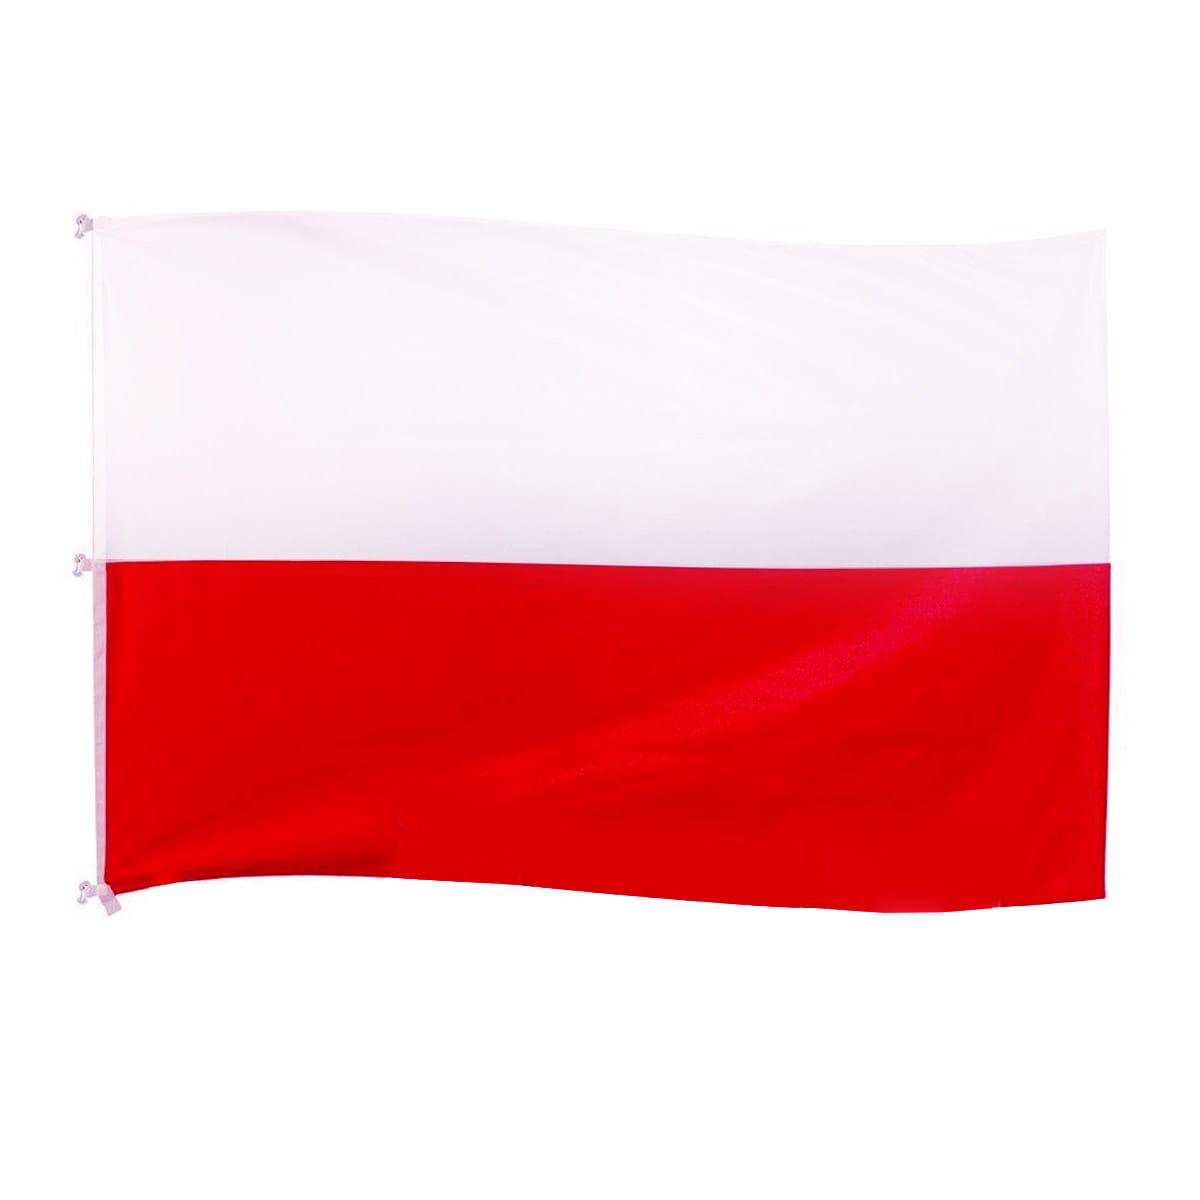 Flaga Polski 125x200 Cm Drukowana Na Maszt IFlagi